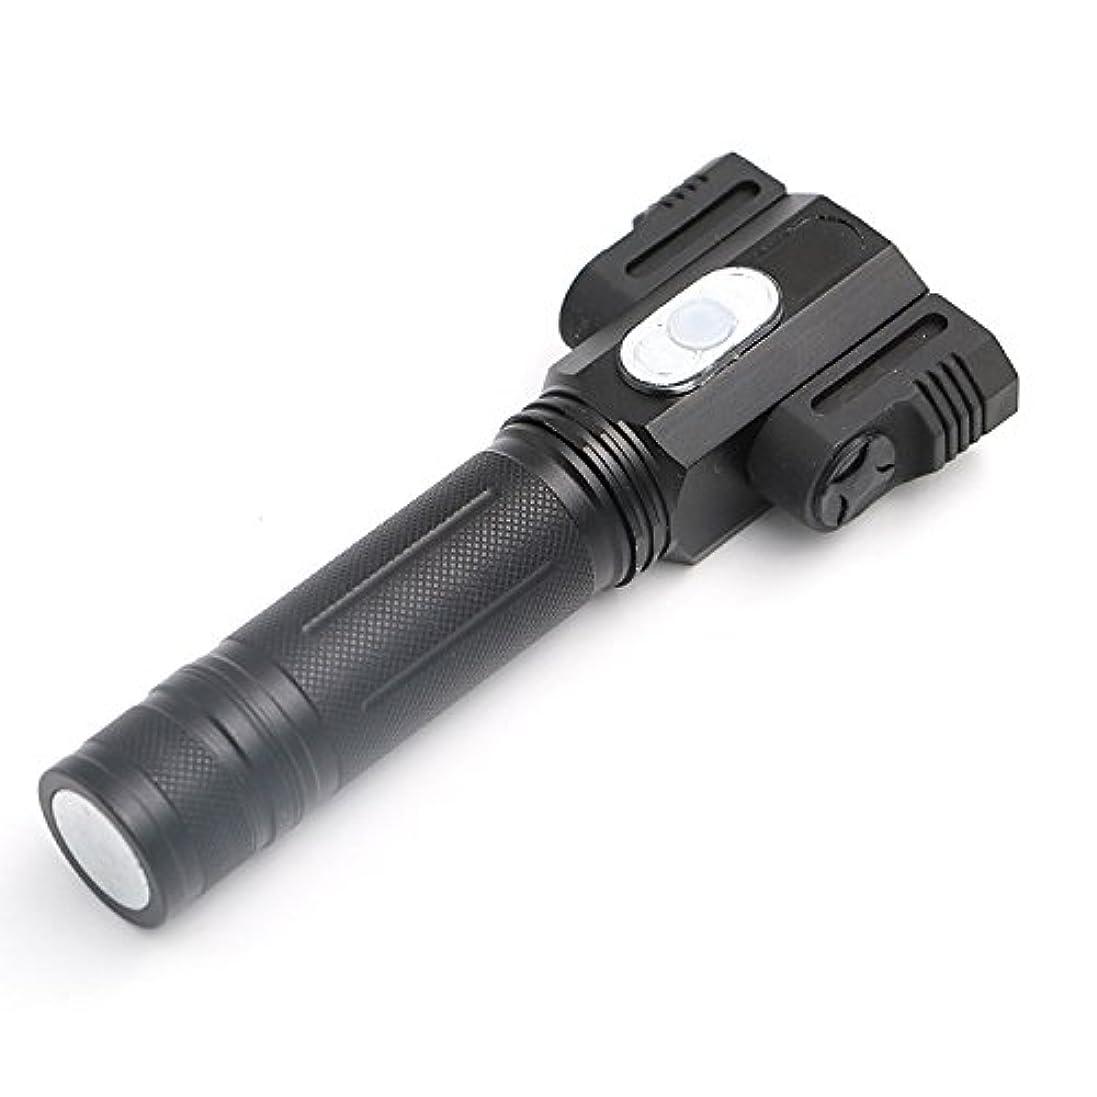 アヒルシェア創傷(キュミオ) QeMIO LED懐中電灯 ハンディライト ズーム式4モード 夜釣りライト アウトドア 高輝度 防水 -07D06